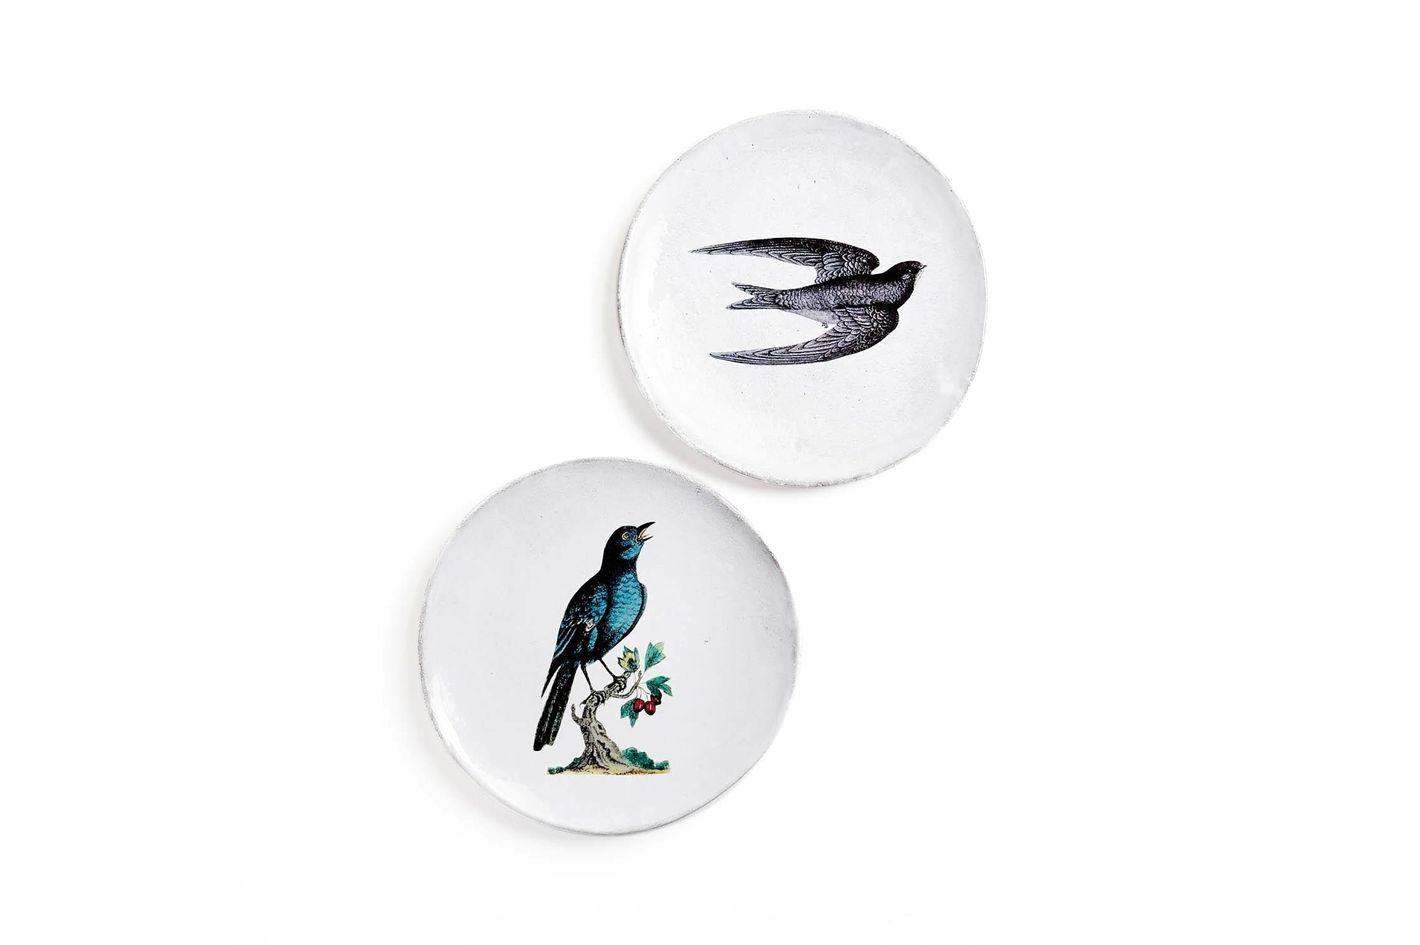 John Derian for Astier de Villatte Bird Plate